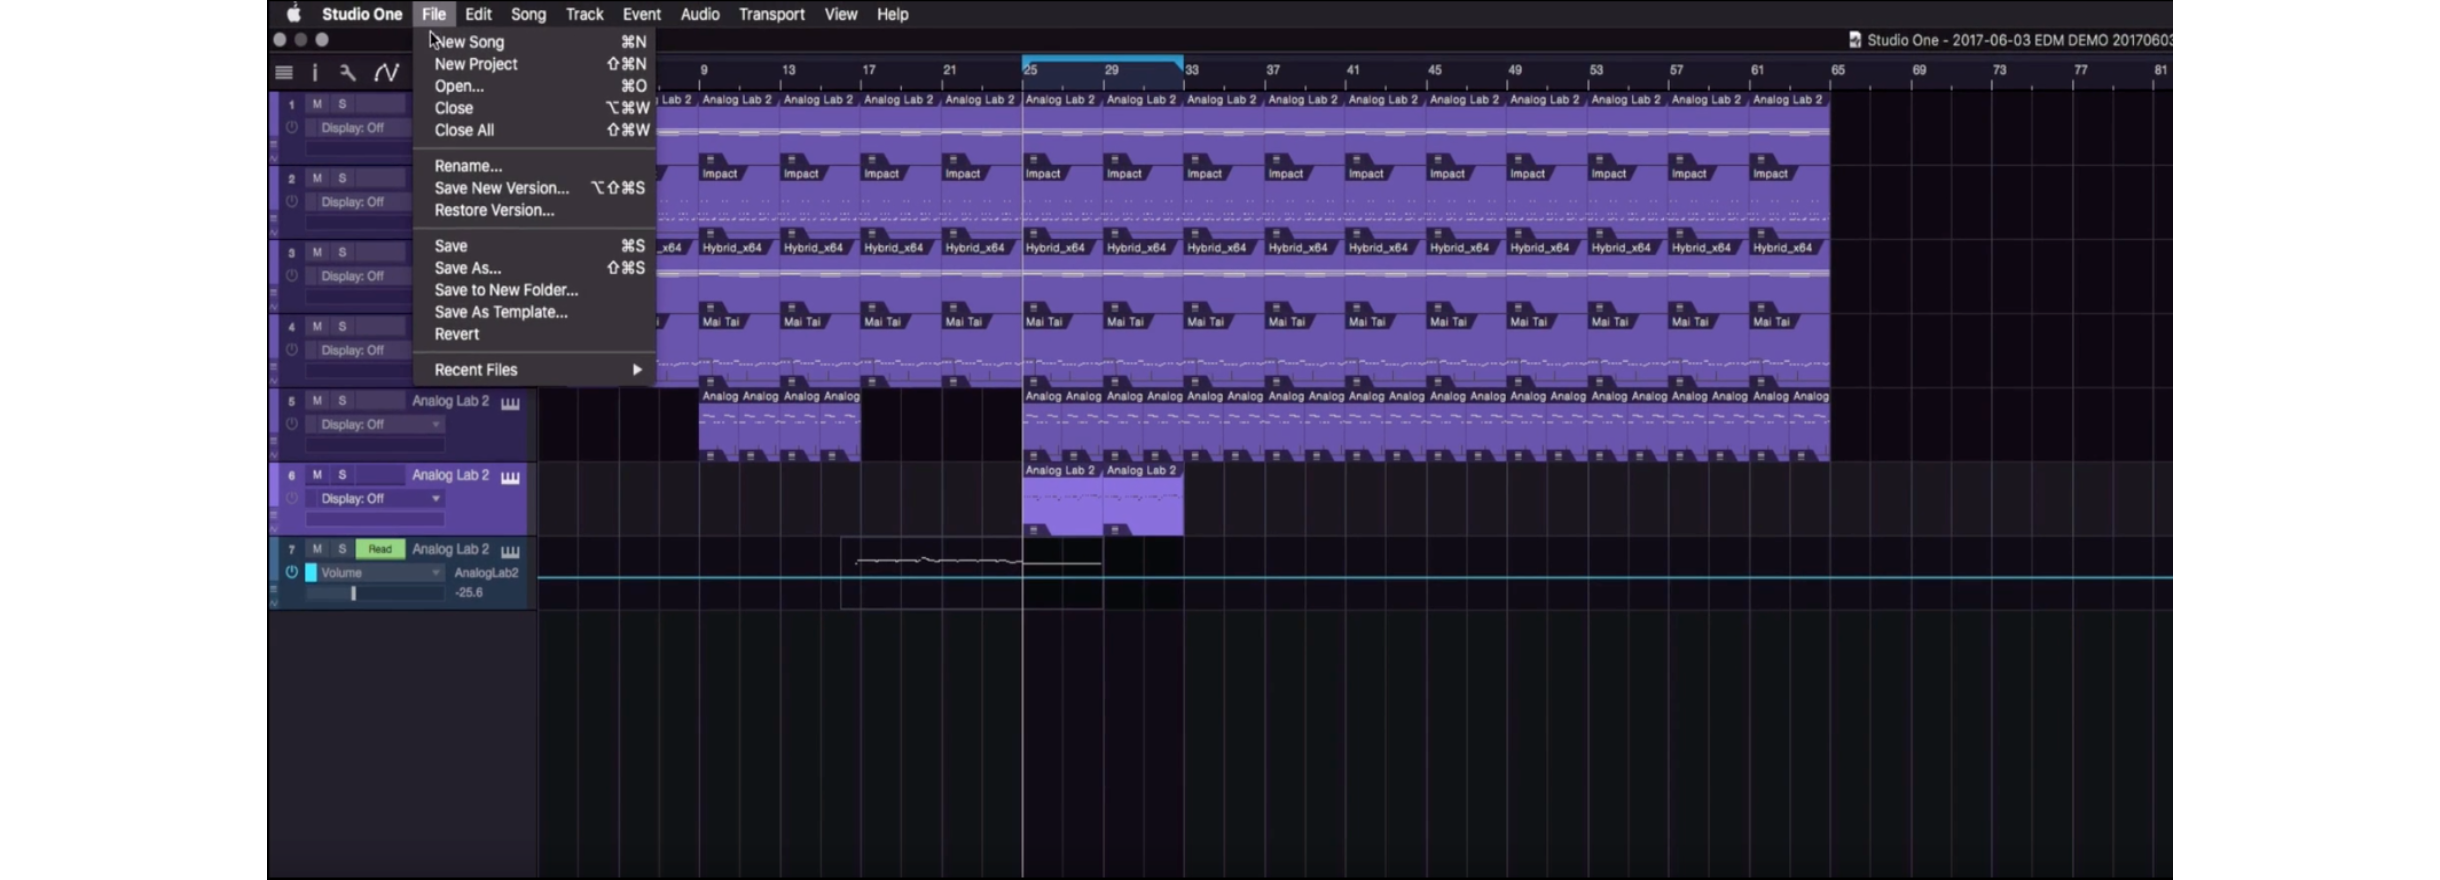 在 Studio One 中最簡單的儲存方式就是按快捷鍵 Mac:command + S :/ Win:control + S